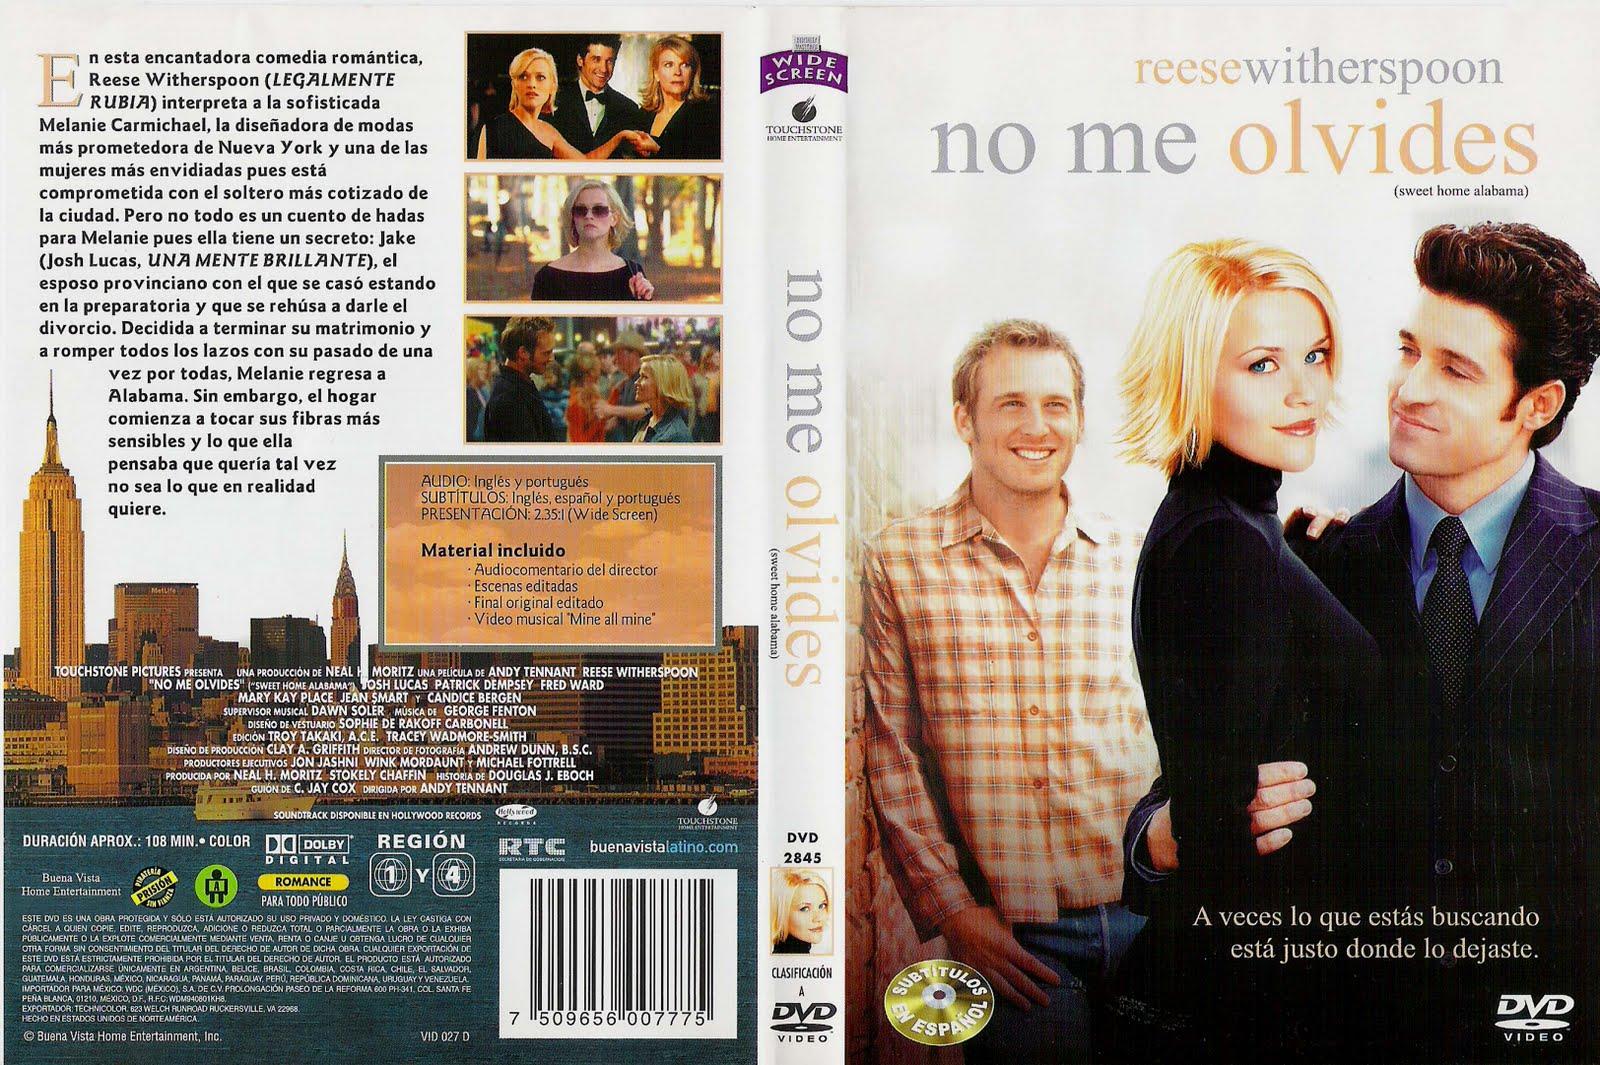 Peliculas En Dvd: No Me Olvides